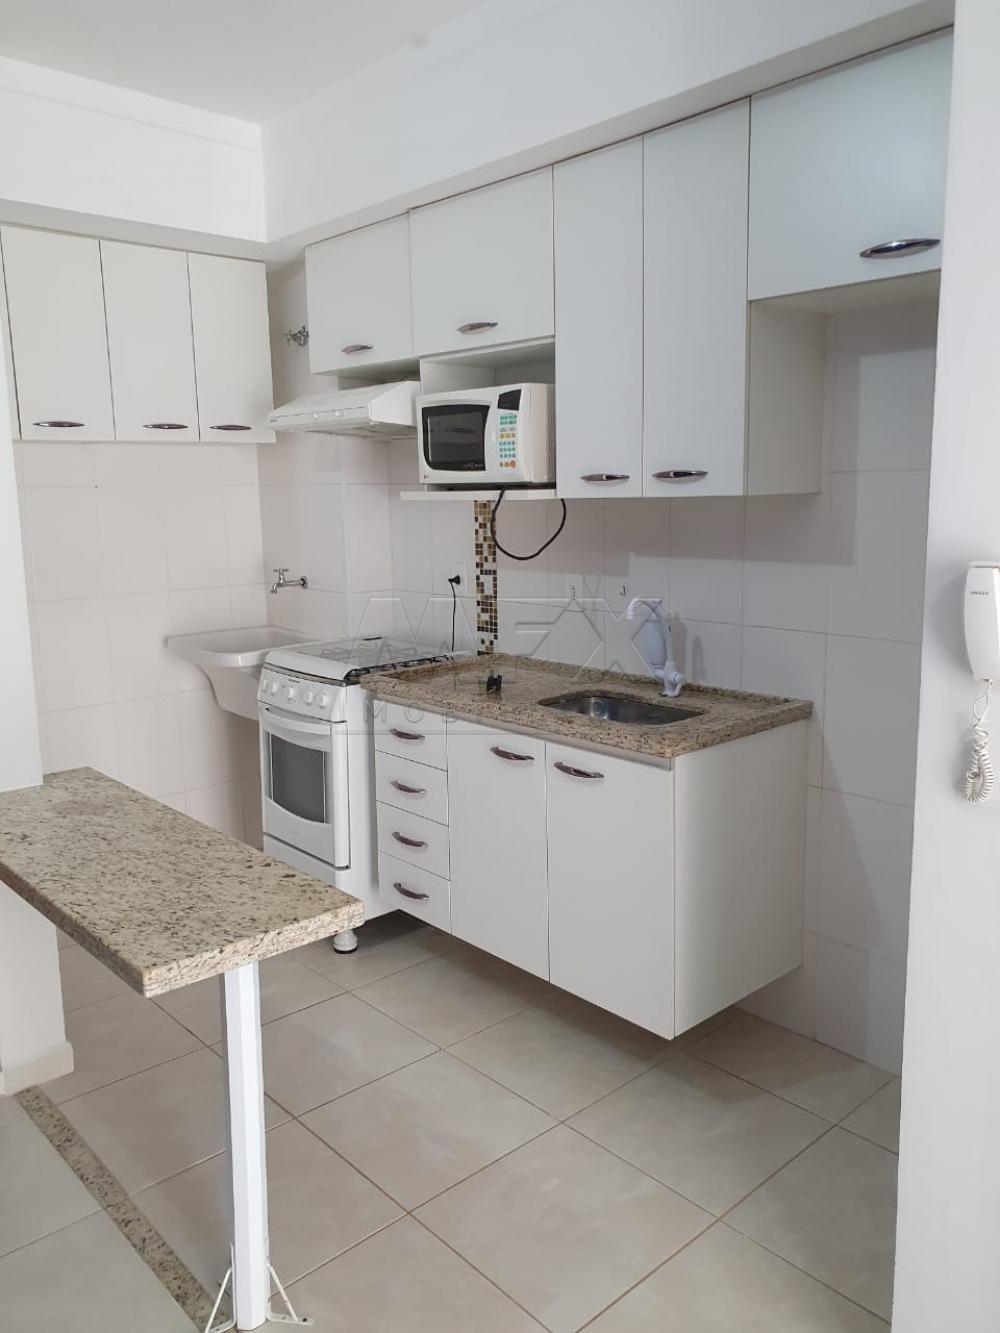 Comprar Apartamento / Padrão em Bauru apenas R$ 200.000,00 - Foto 10